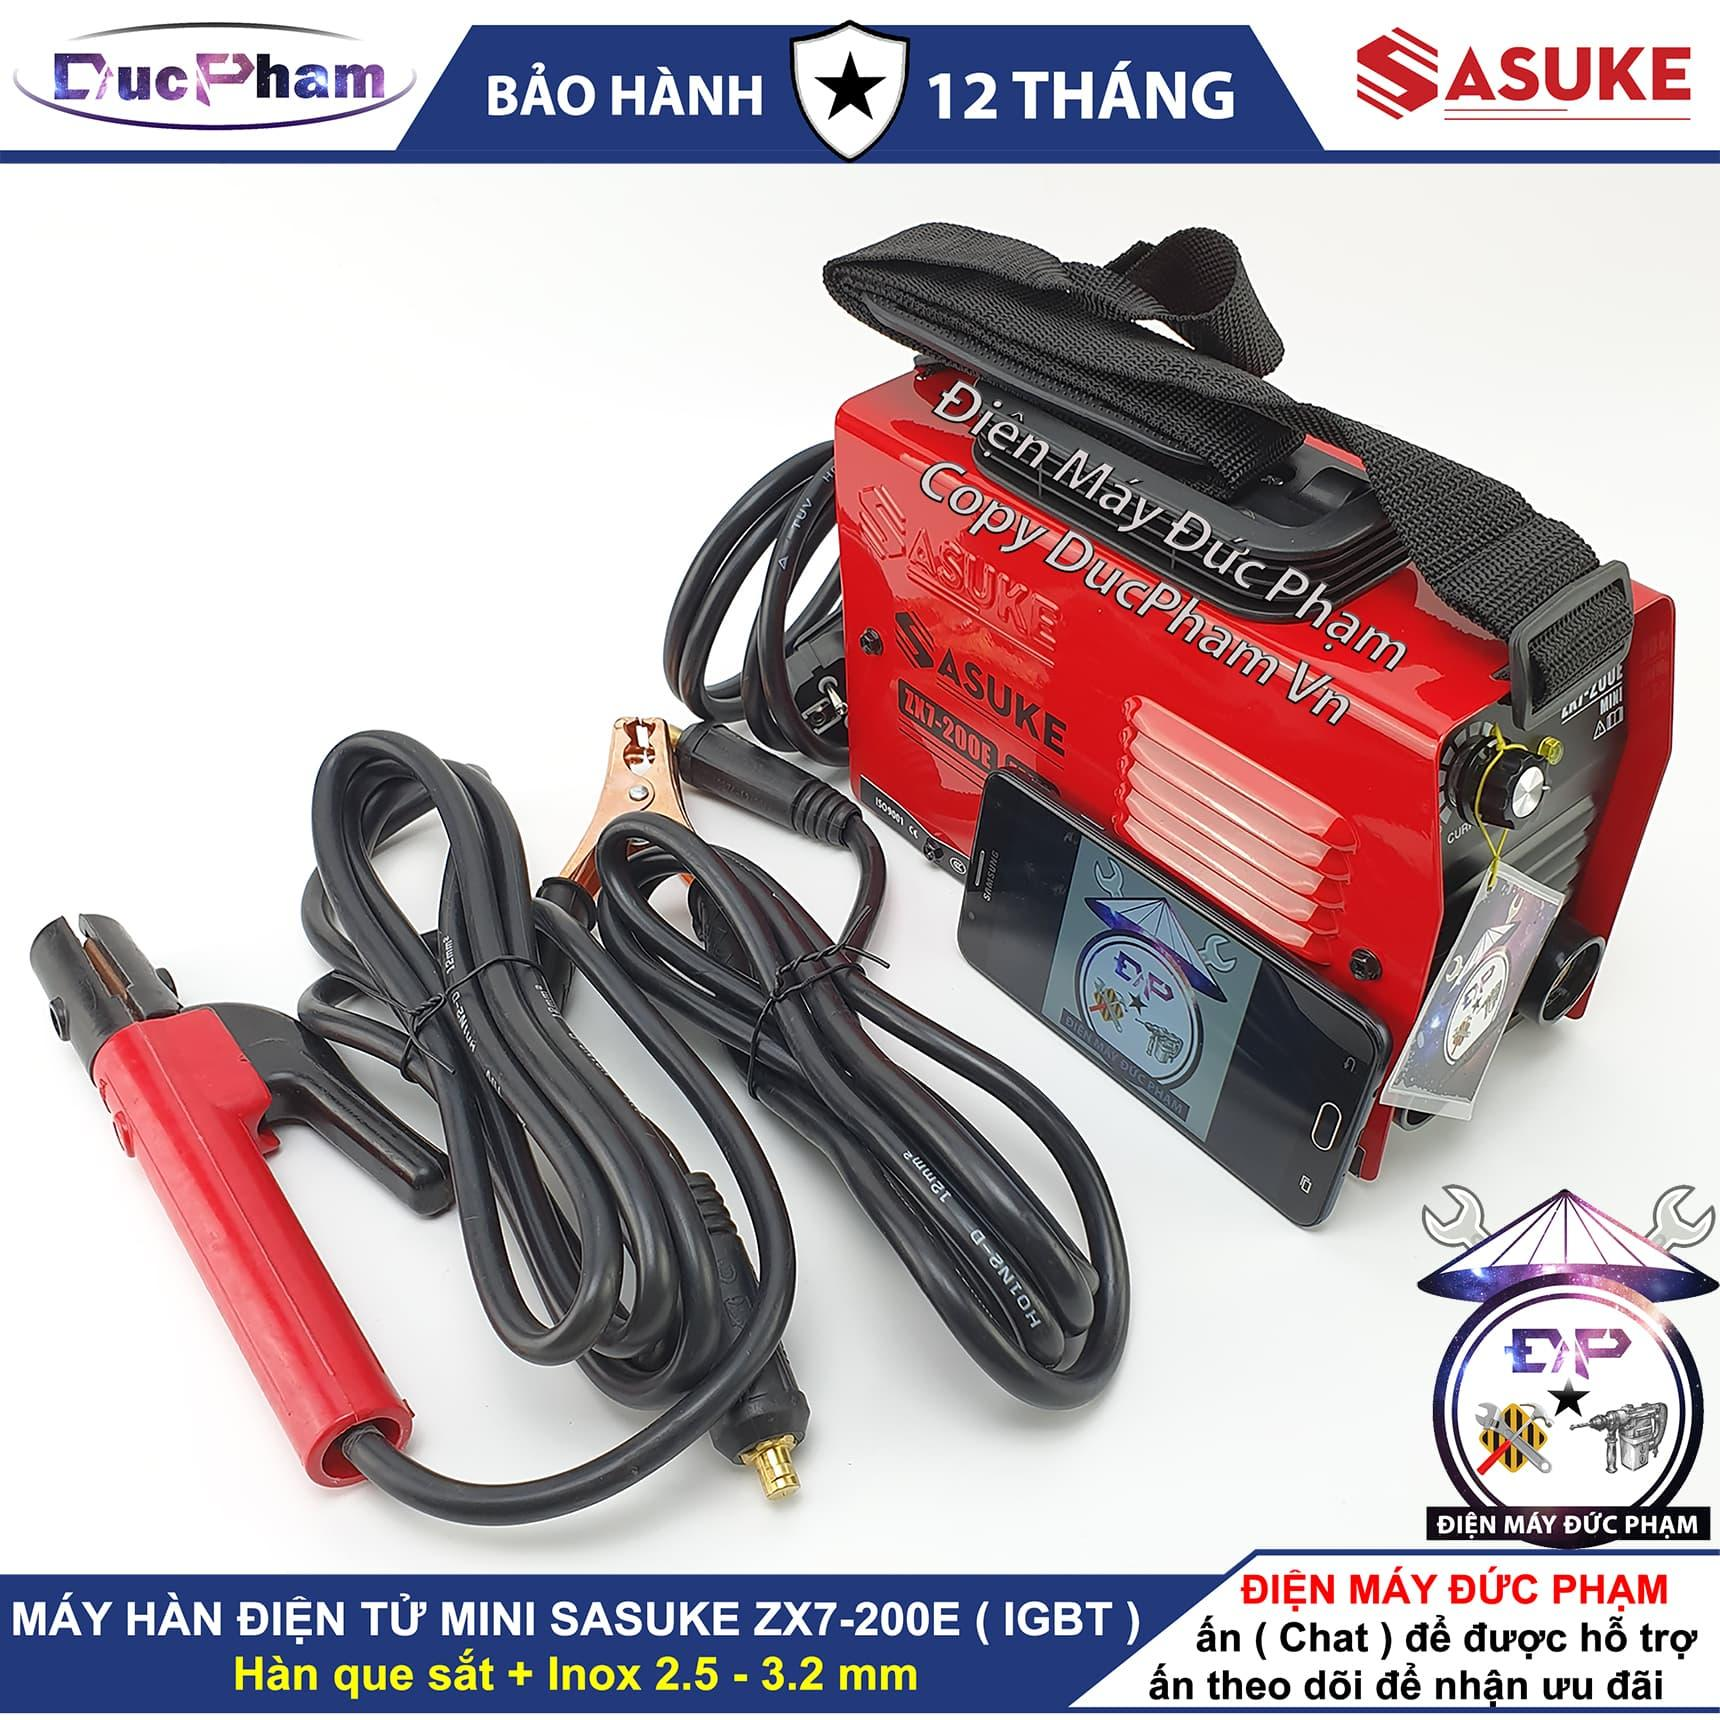 Máy hàn mini Sasuke ZX7-200E - DucPham Vn - Điện Máy Đức Phạm ,máy hàn que 200A , máy hàn điện tử , máy hàn mini gia đình , máy hàn sắt , máy hàn inox